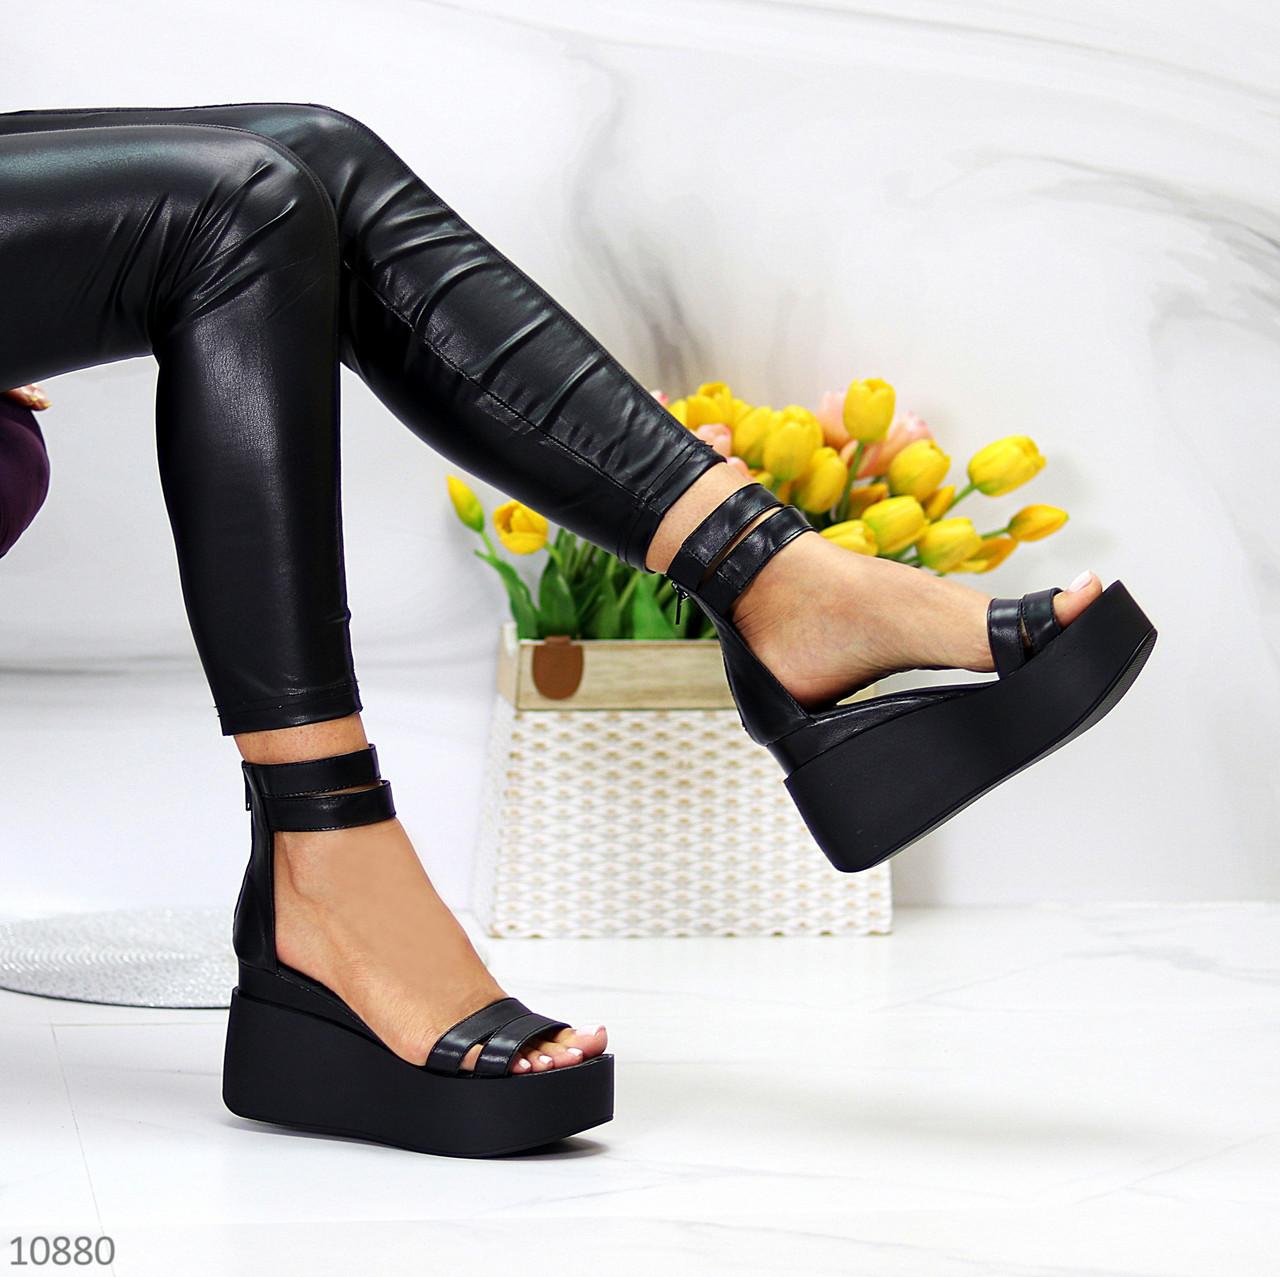 Ультра модные черные кожаные женские босоножки натуральная кожа на танкетке платформе